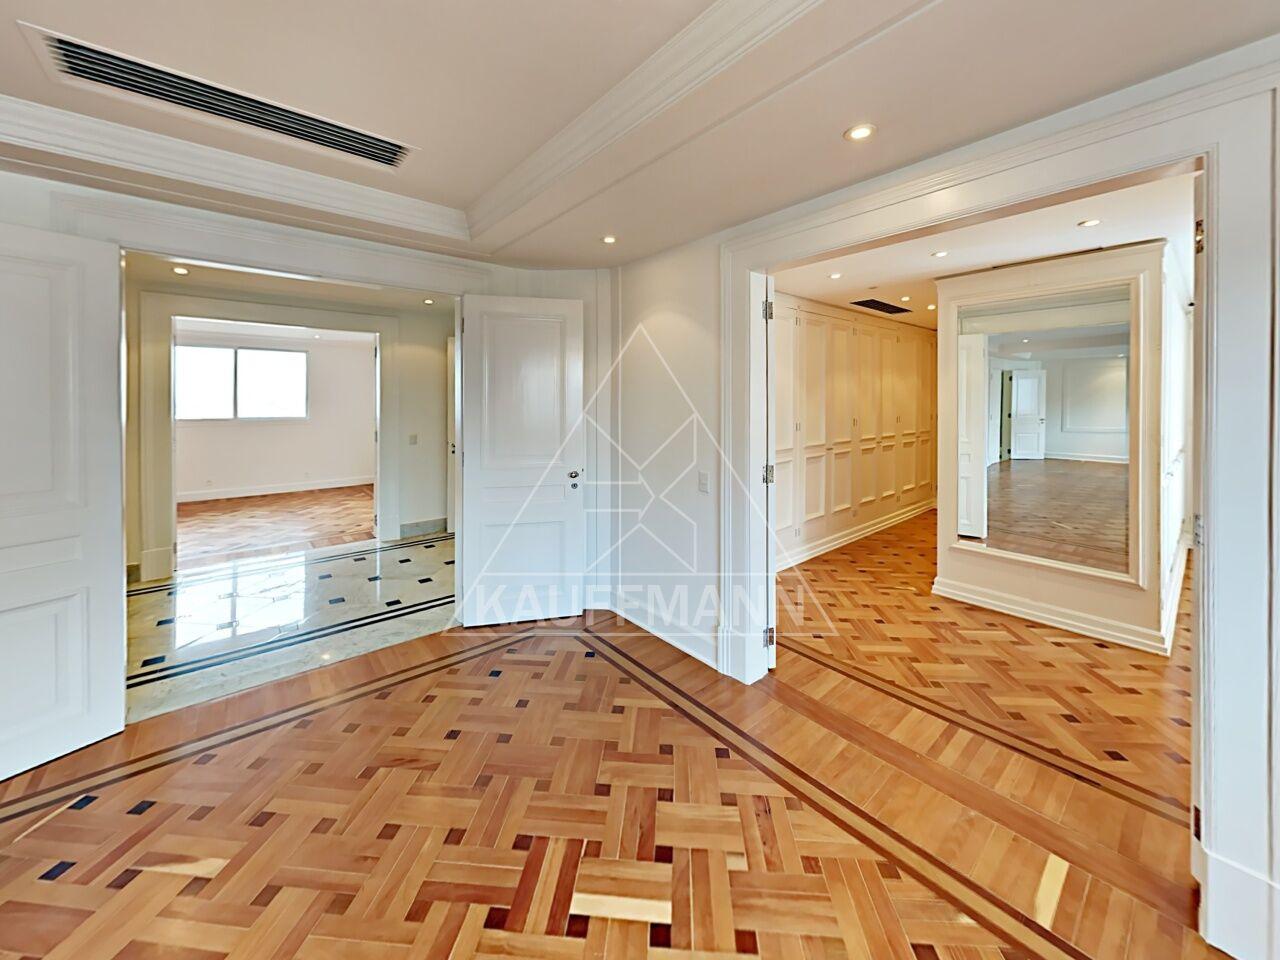 apartamento-venda-sao-paulo-jardim-america-regency-6dormitorios-6suites-7vagas-1099m2-Foto21